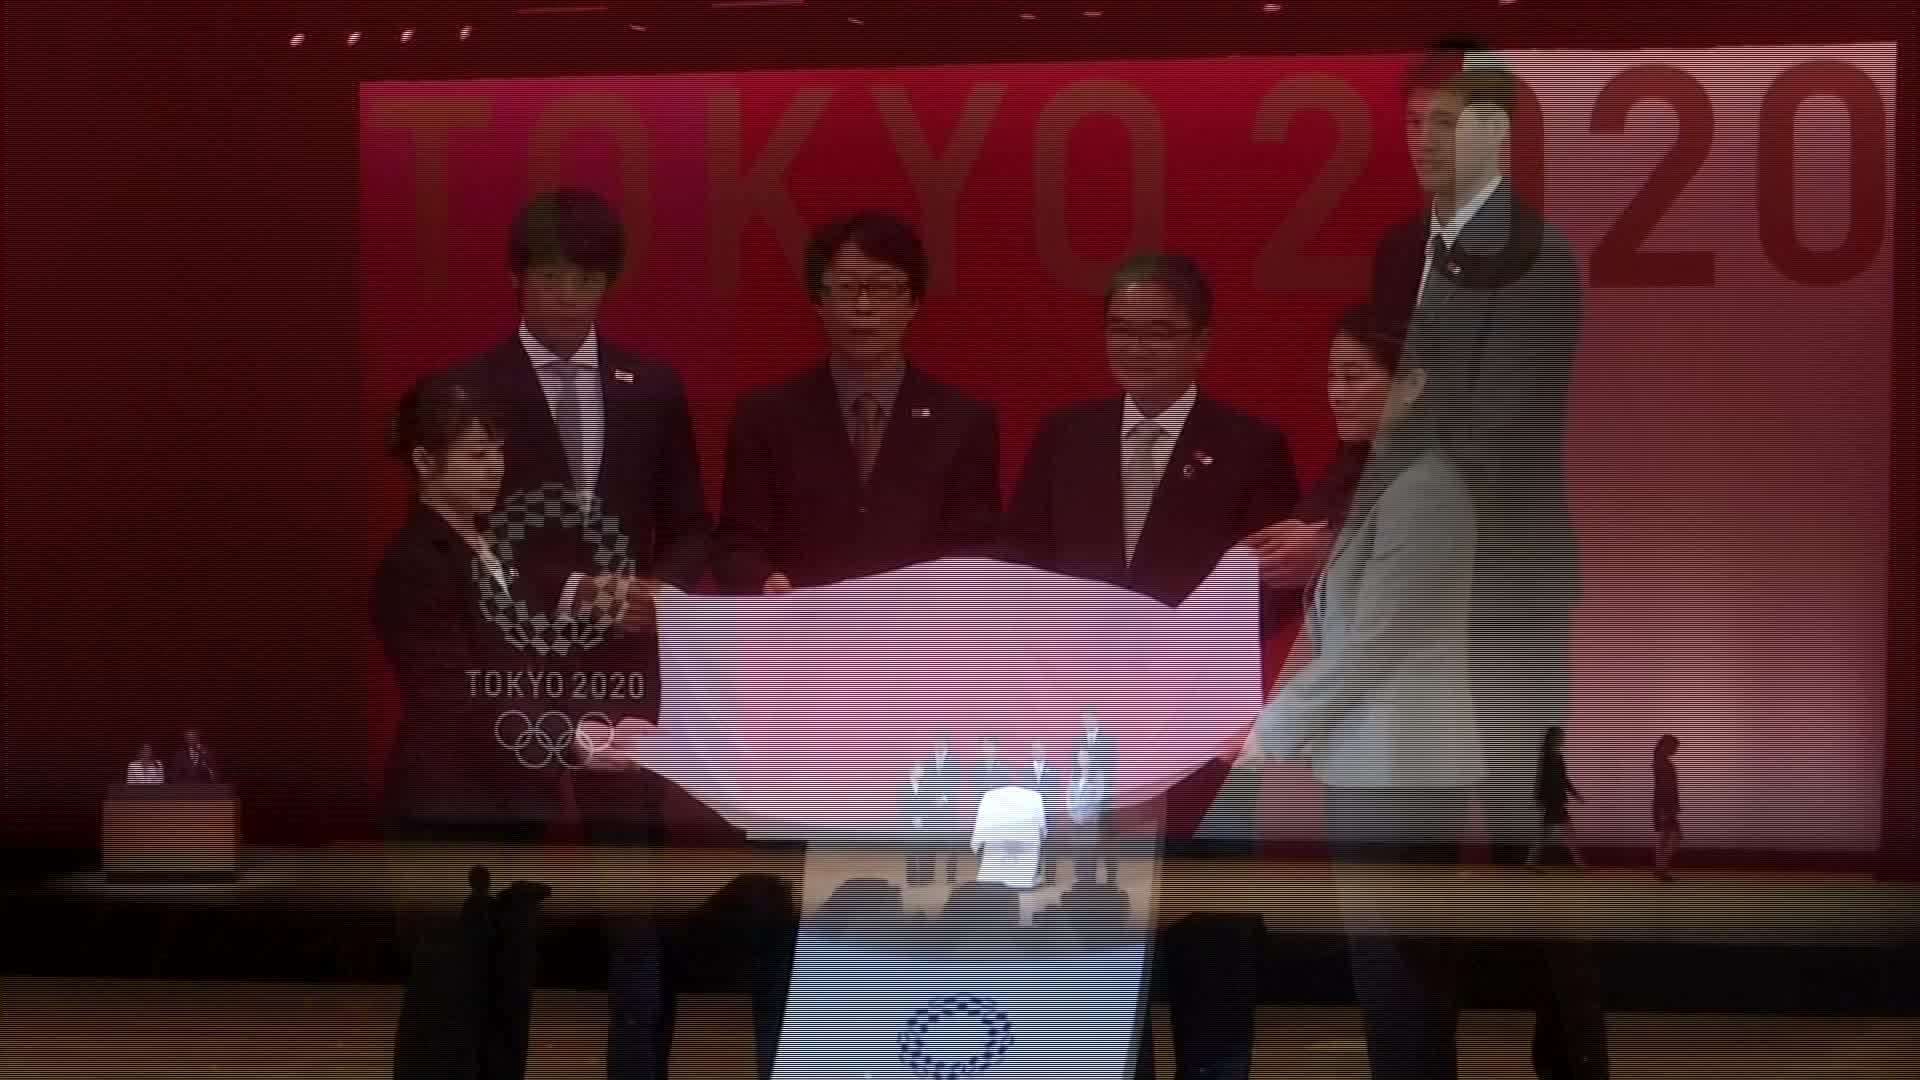 東京奧運獎牌亮相 史上最環保「再生金屬」打造